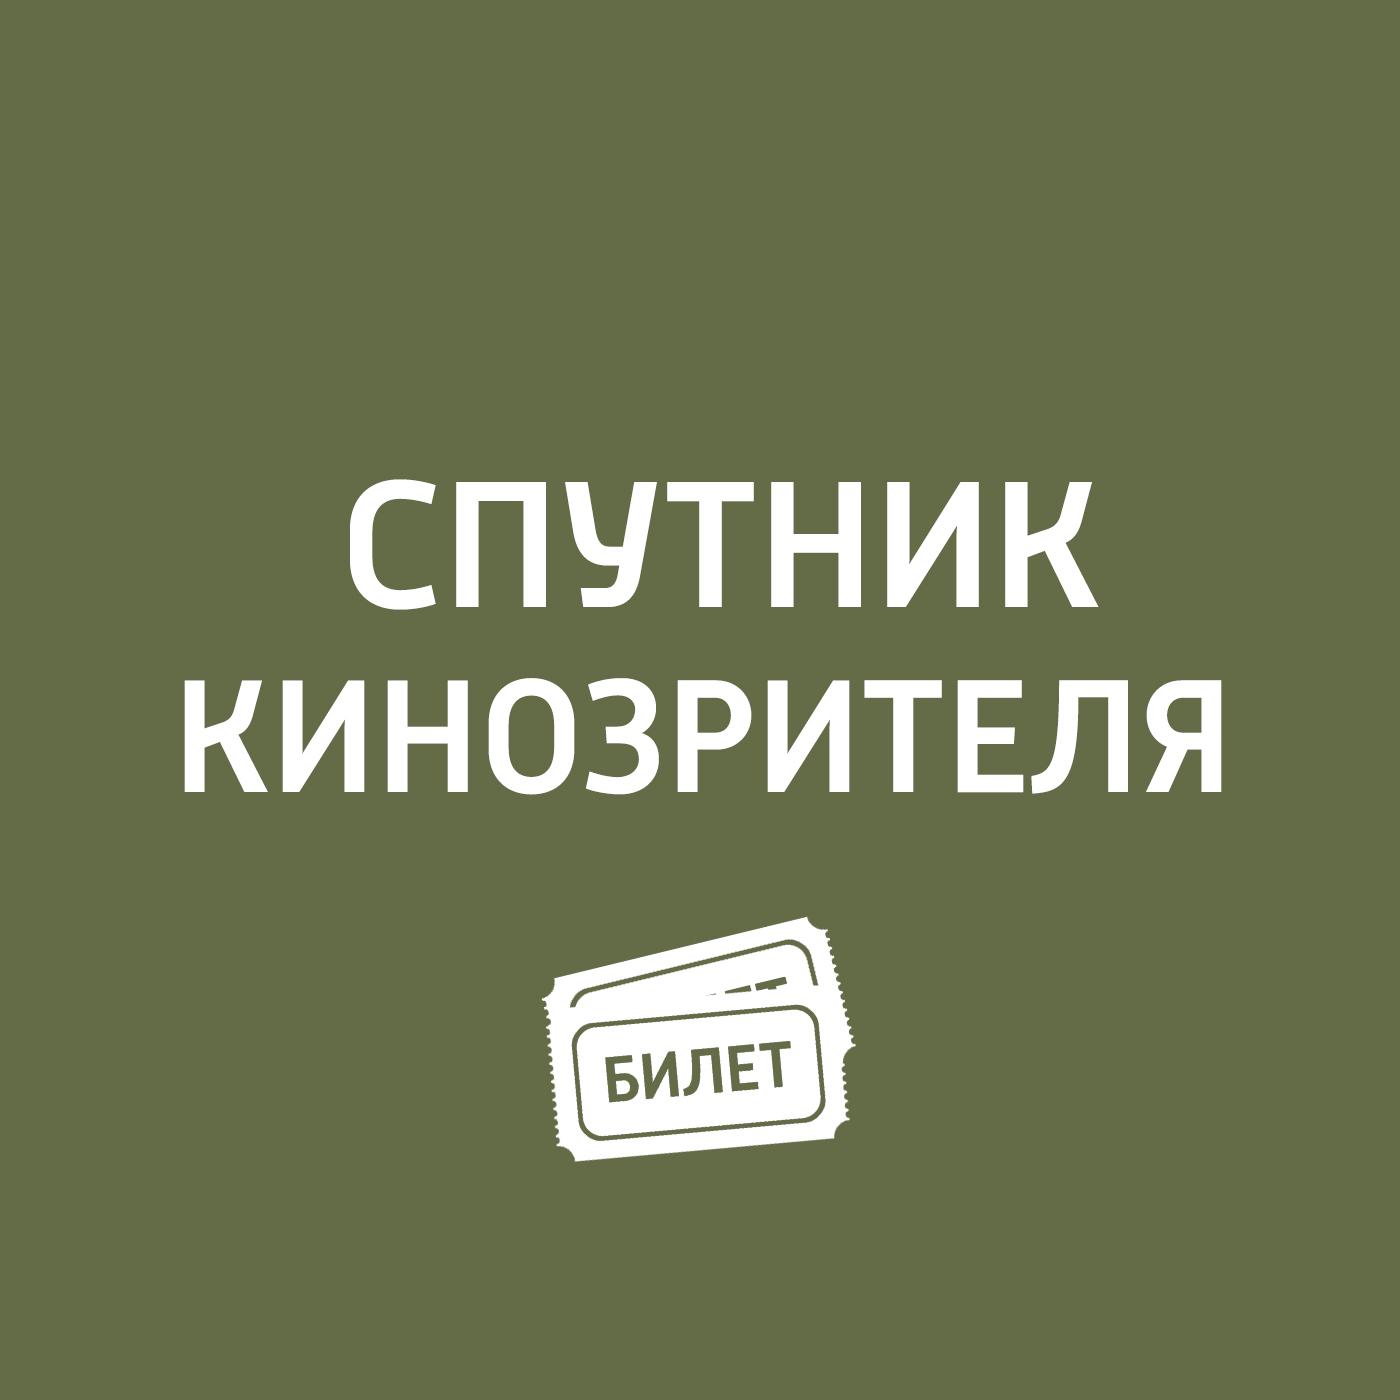 все цены на Антон Долин Антон Долин о фильме Кустурицы «По Млечному пути